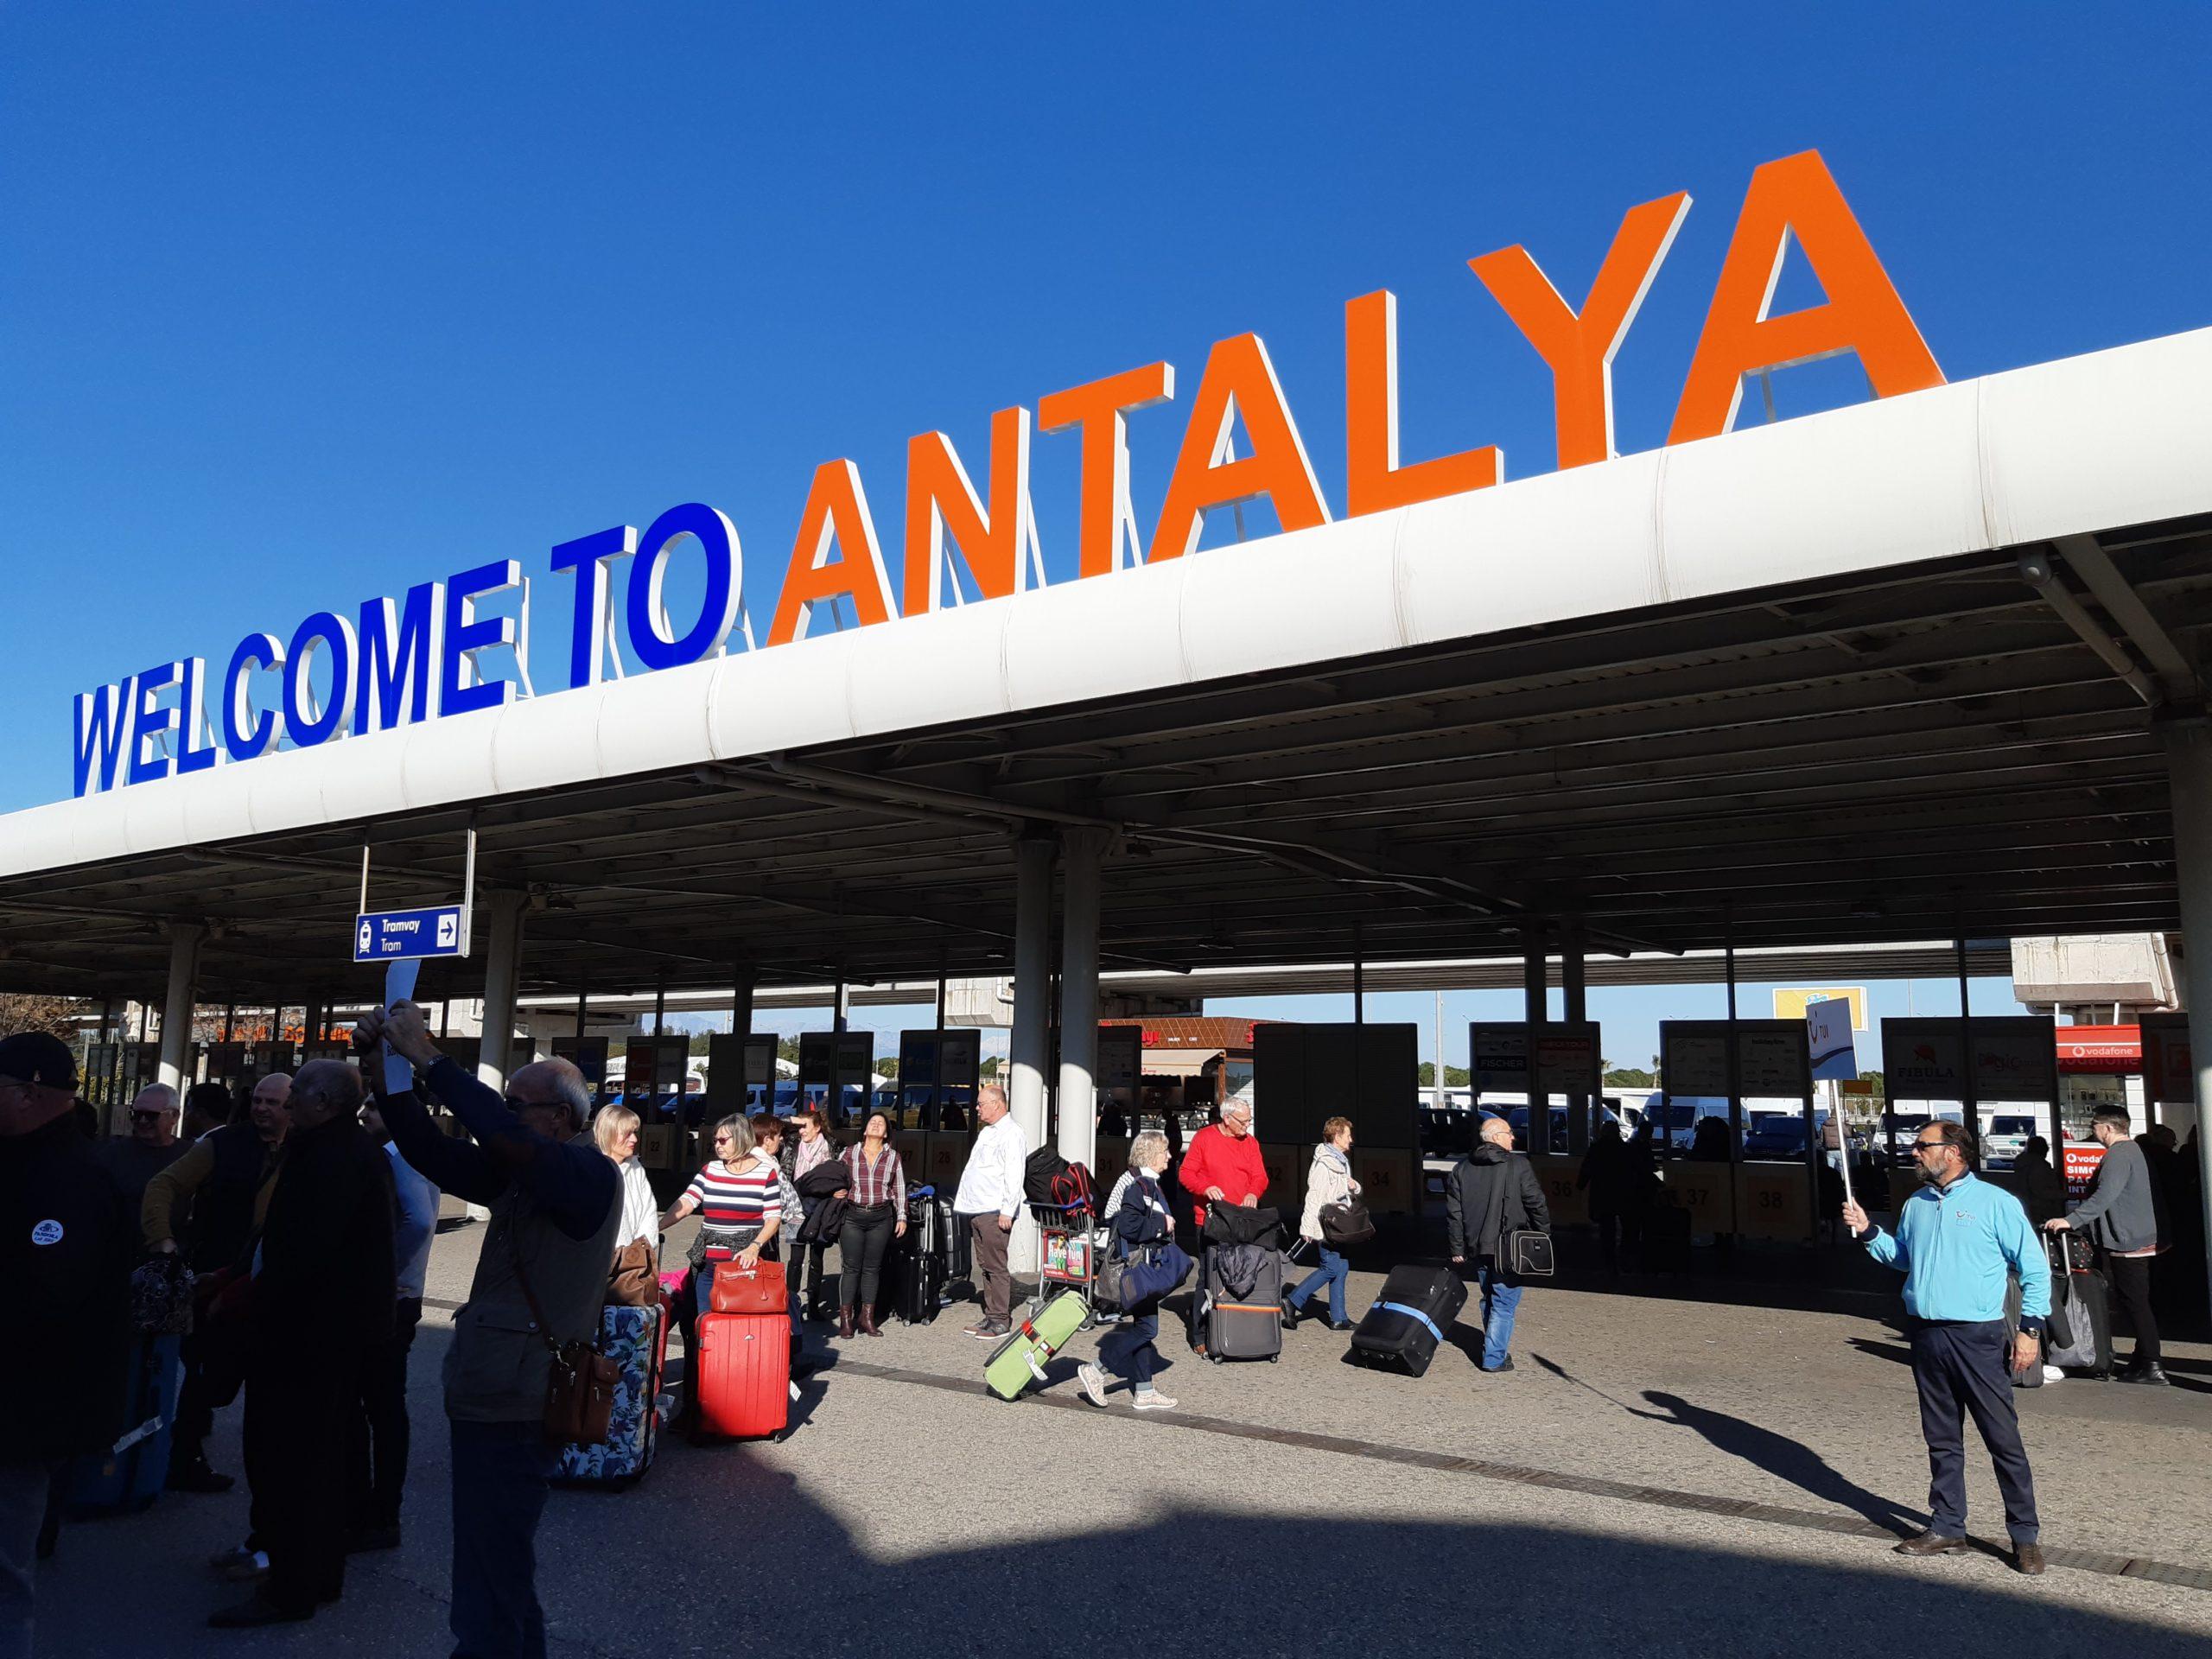 «Интурист» предложит стыковочные рейсы в Анталью туристам с вылетами из КавМинВод и Екатеринбурга